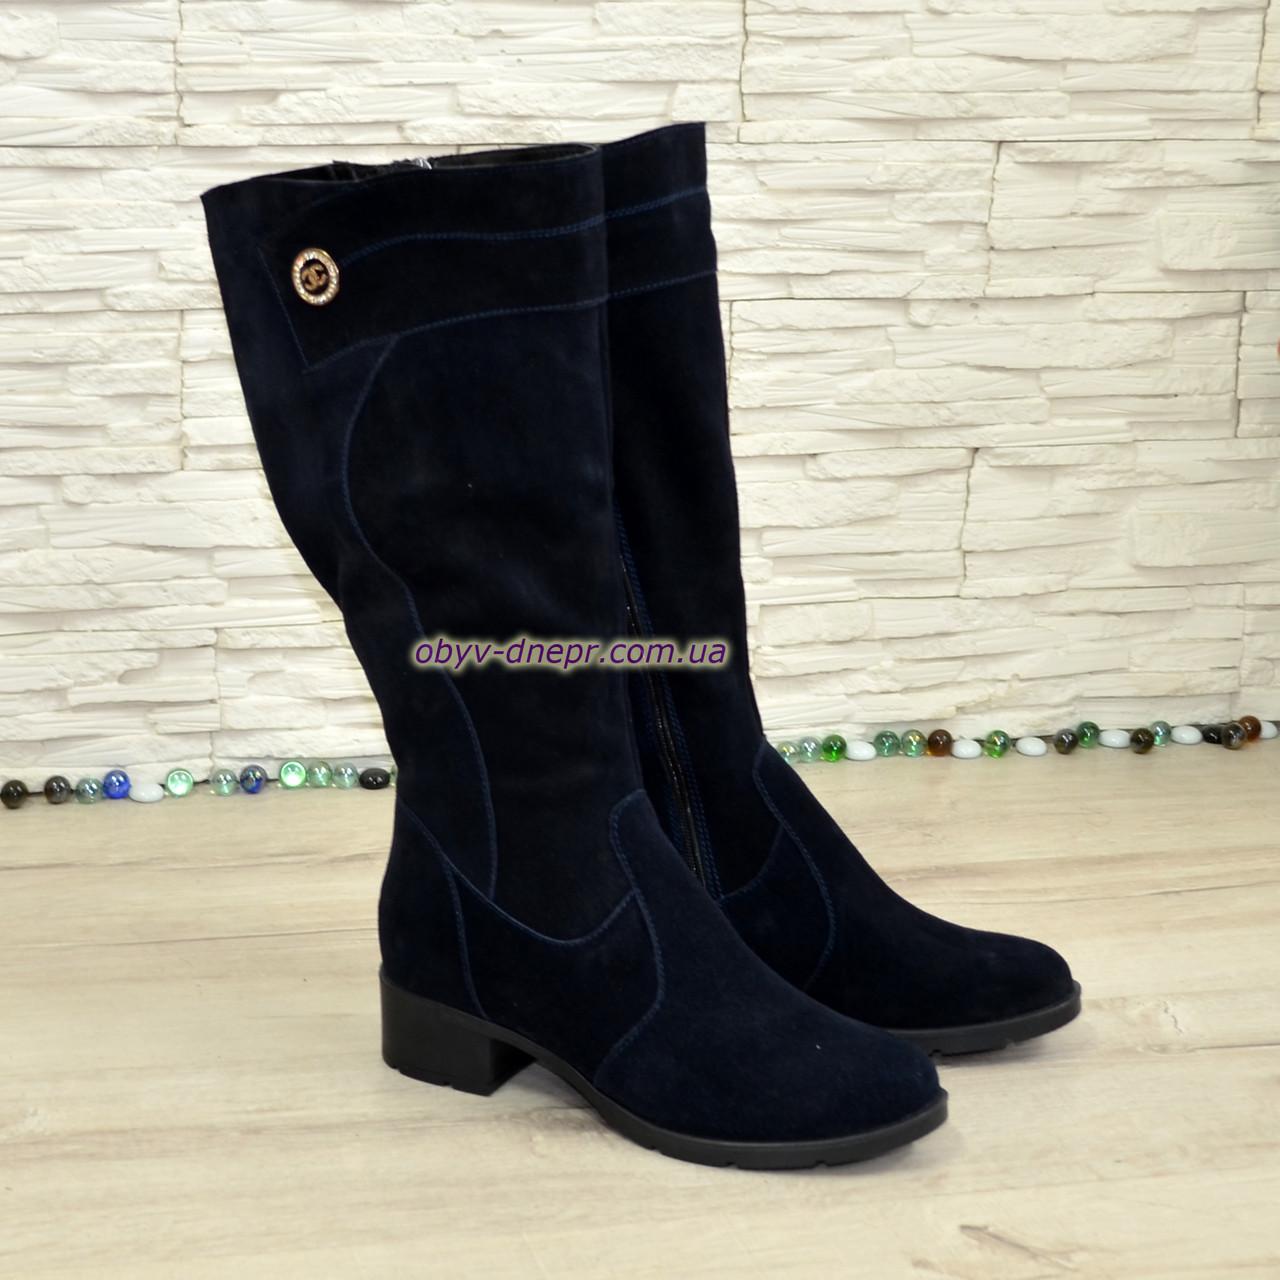 Сапоги зимние замшевые на невысоком каблуке, цвет синий